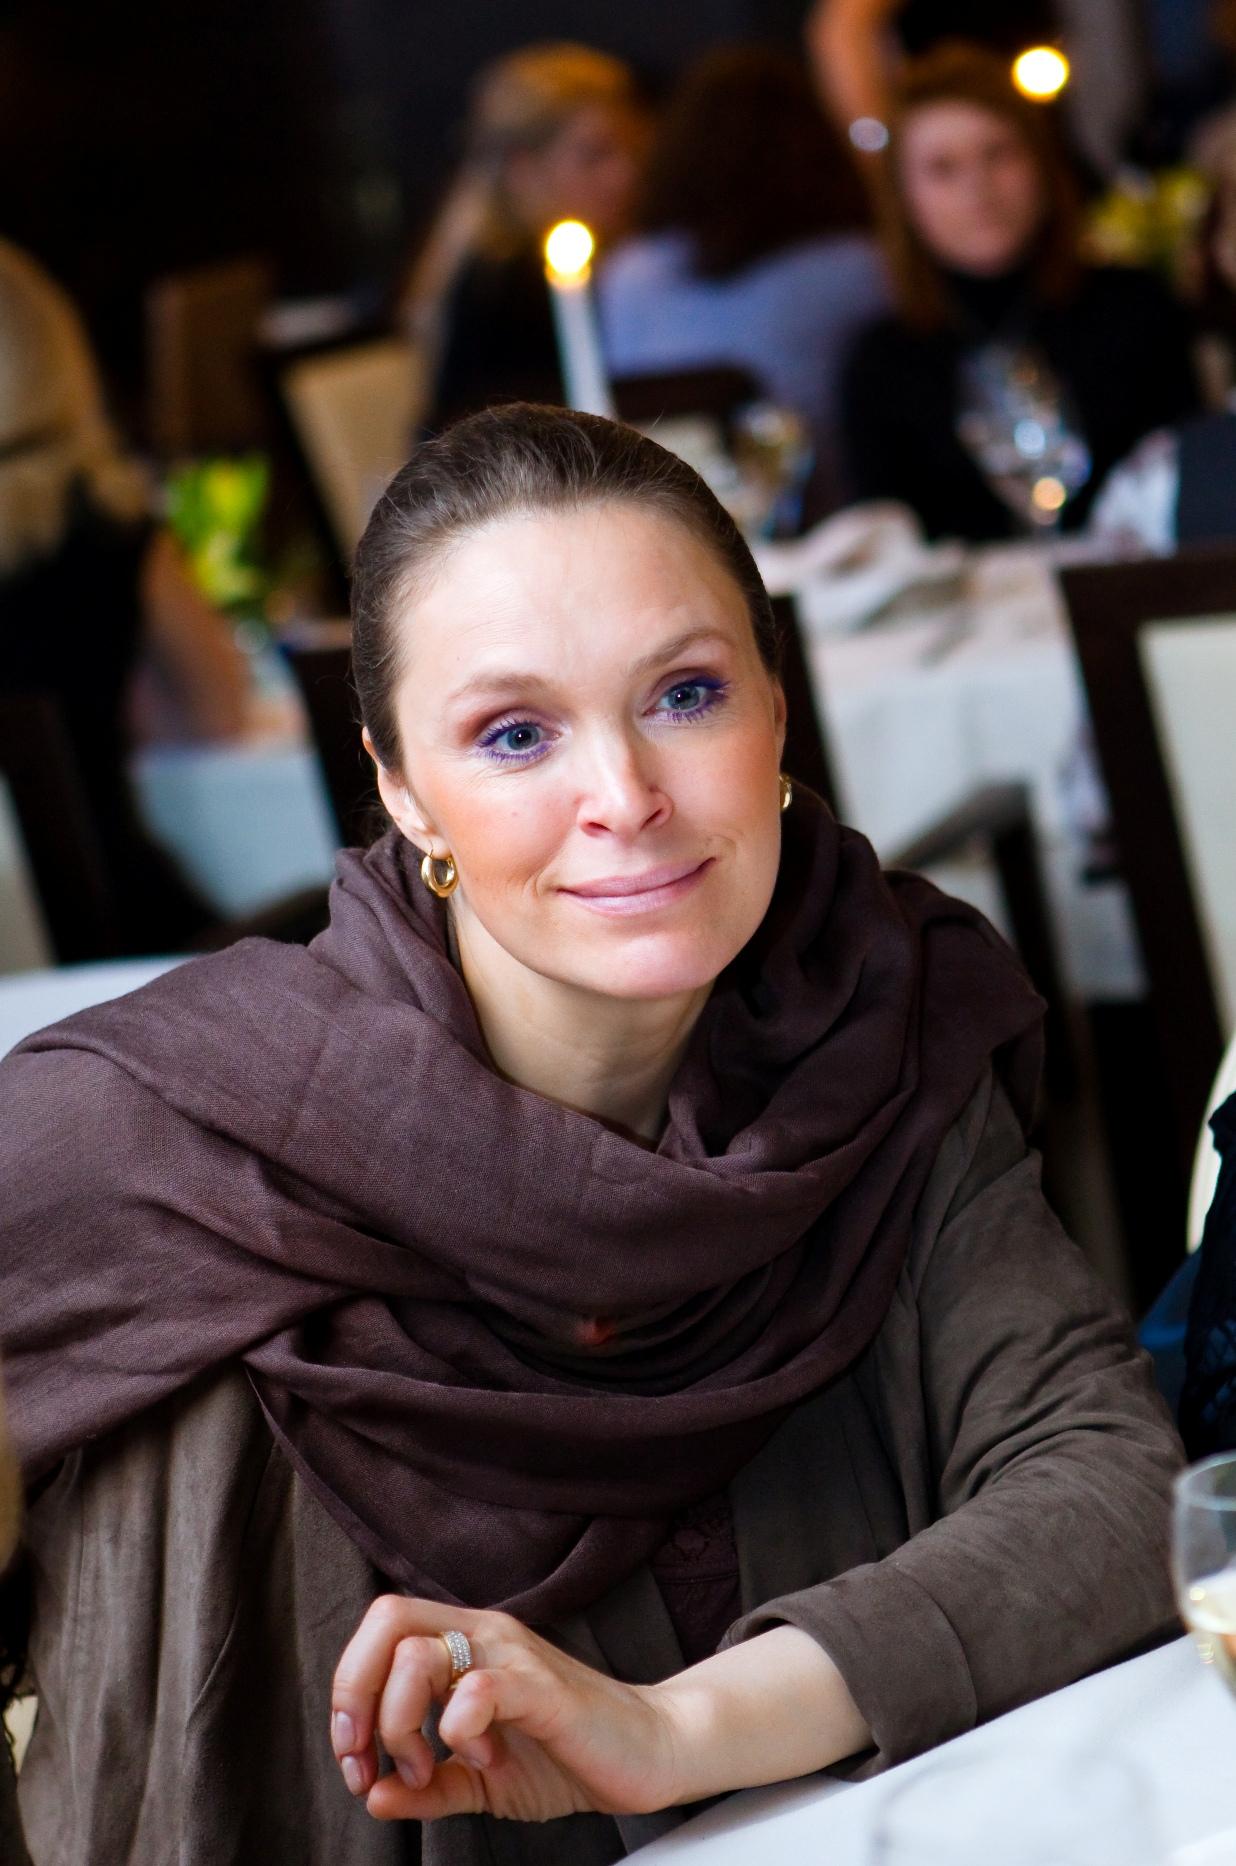 Актриса могилевская биография личная жизнь дети фото